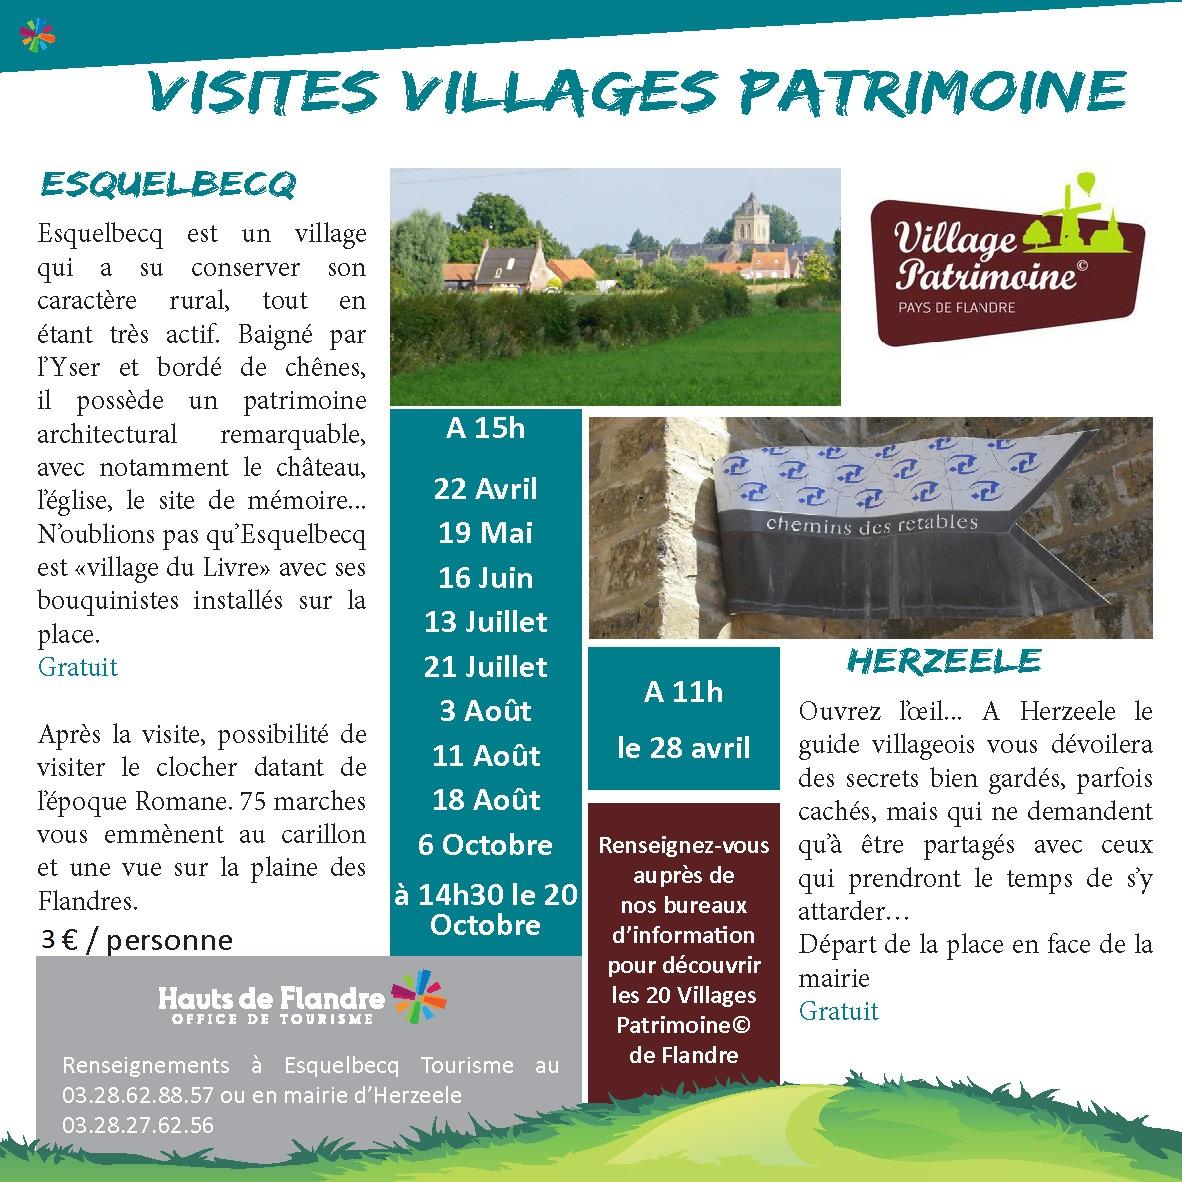 villages patrimoine1 2019.jpg